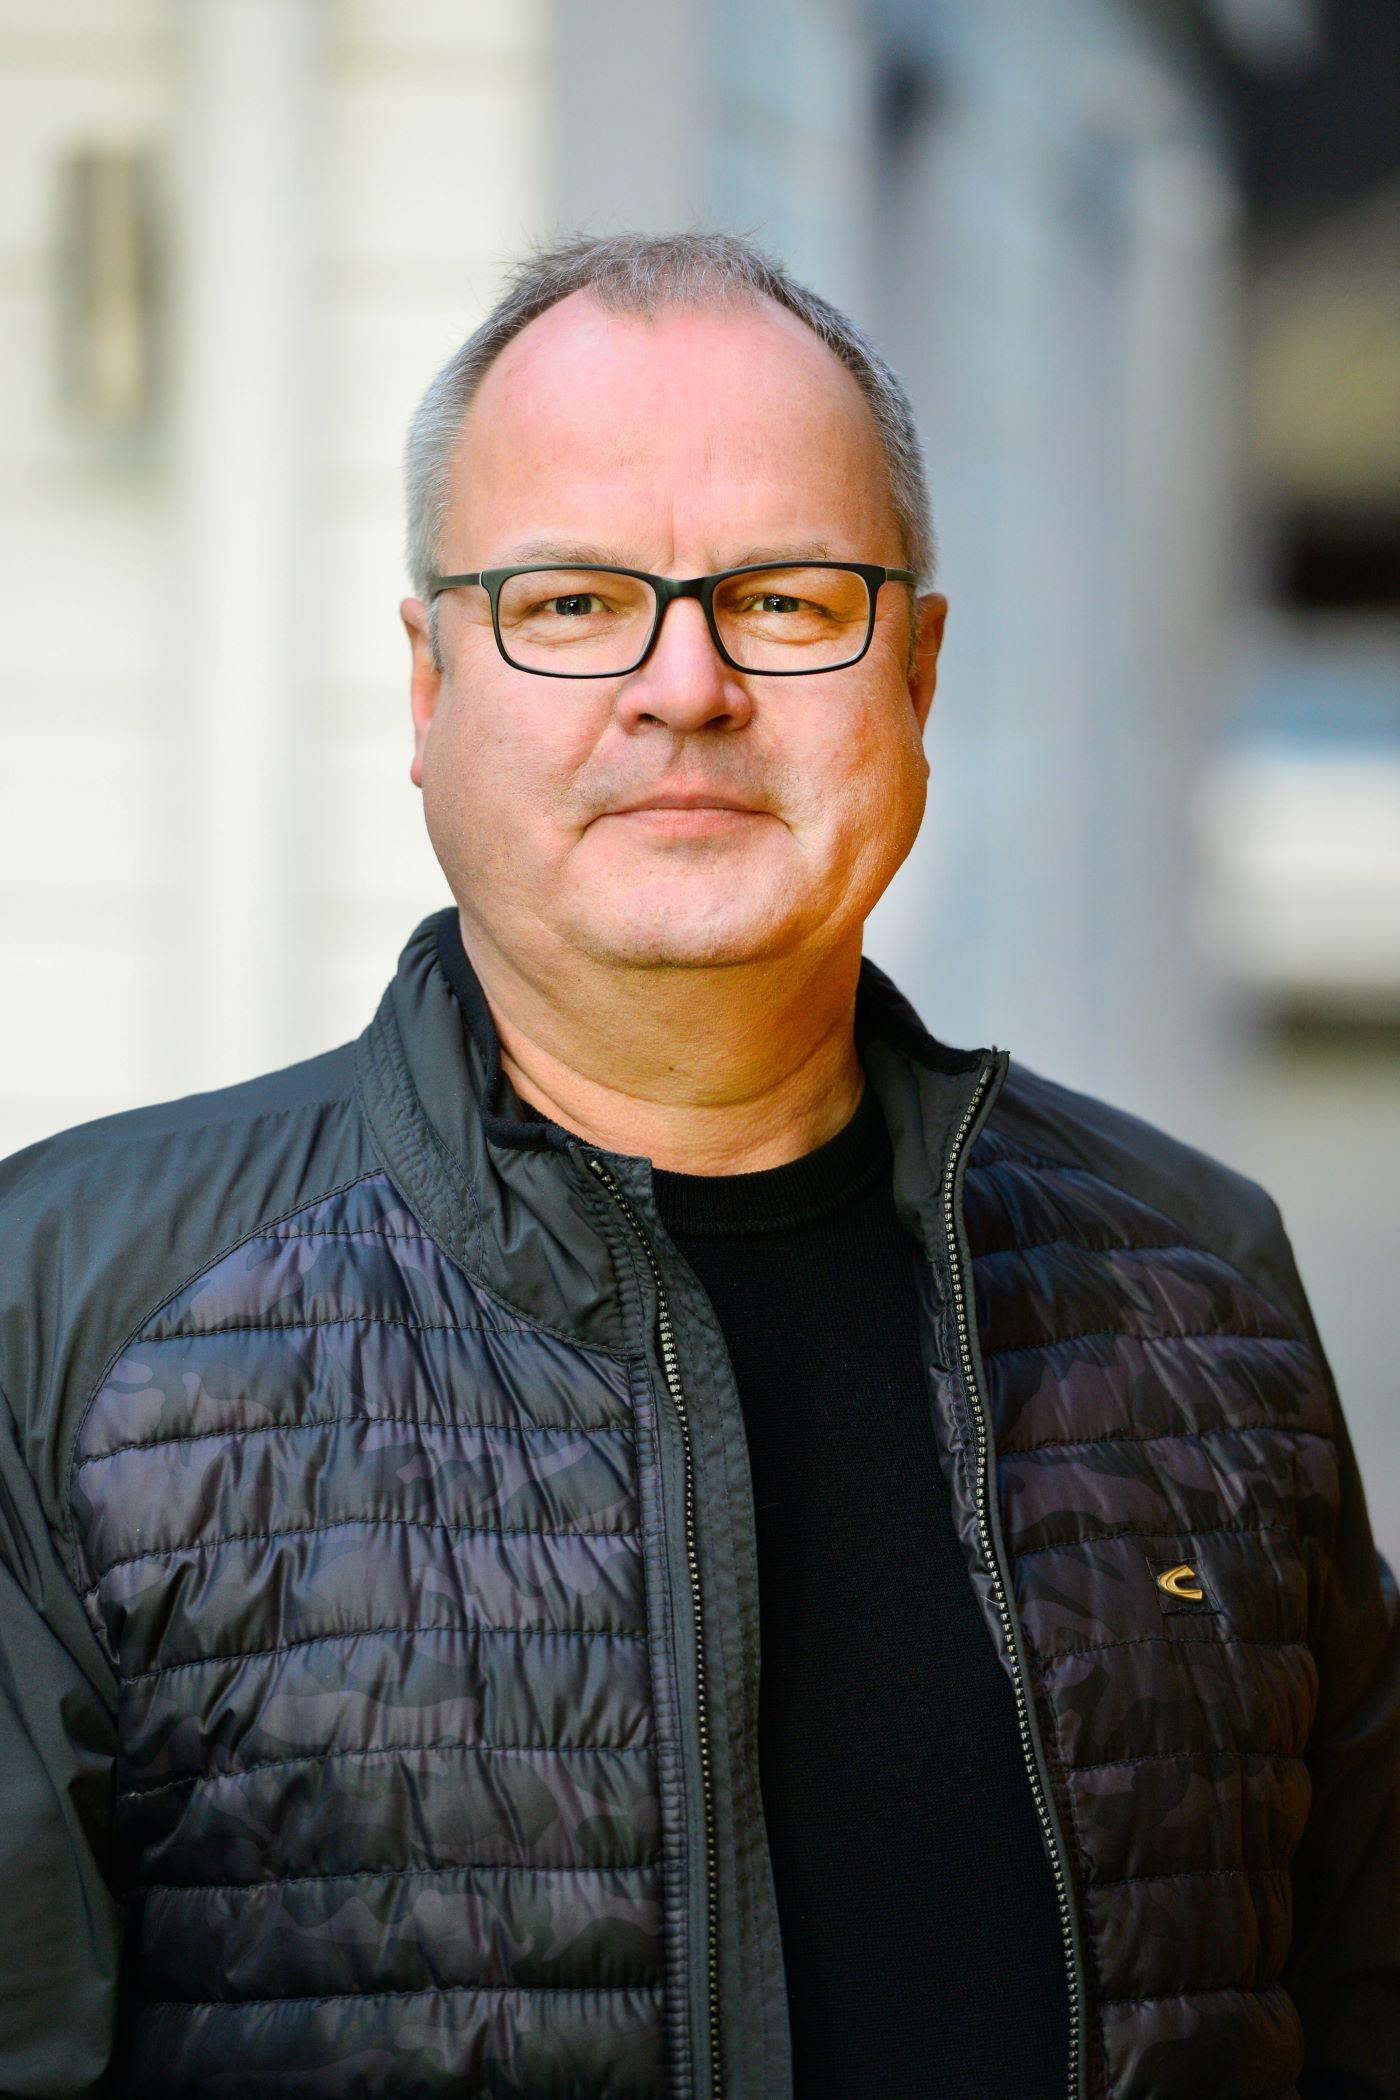 Olaf Trudrung